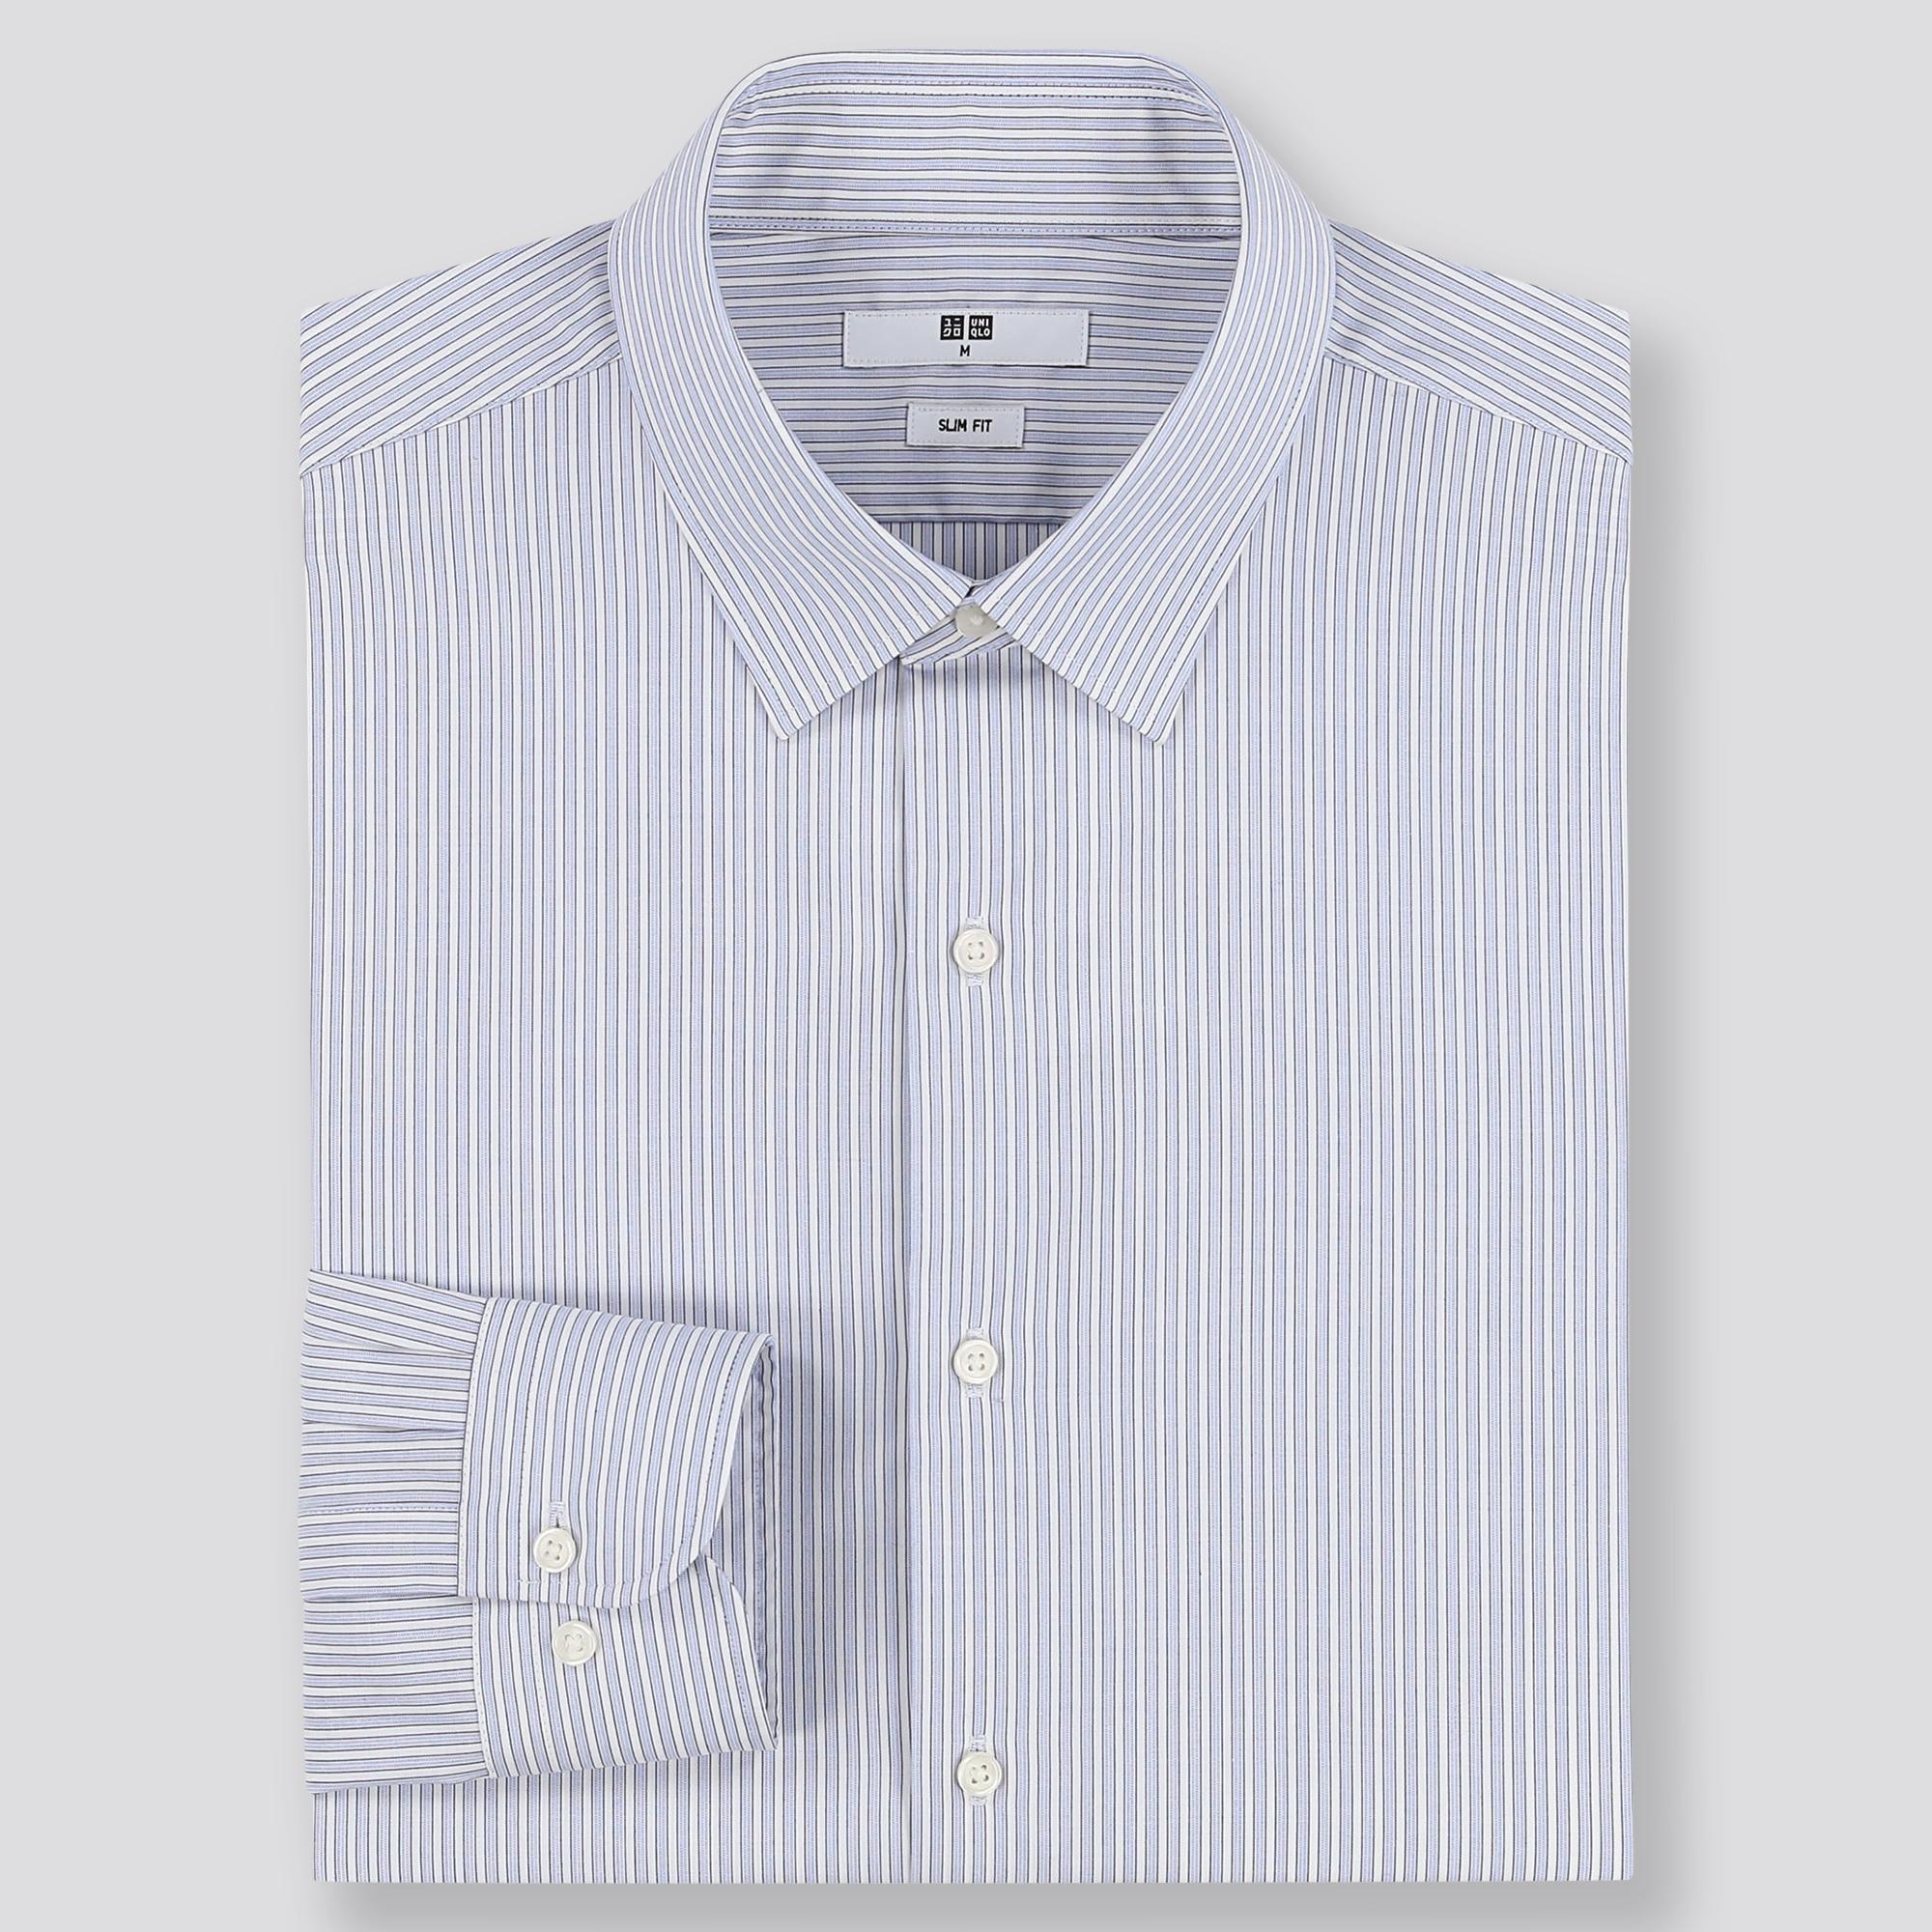 Camicia Come Uomo Care Cucire Da FKul13TJc5